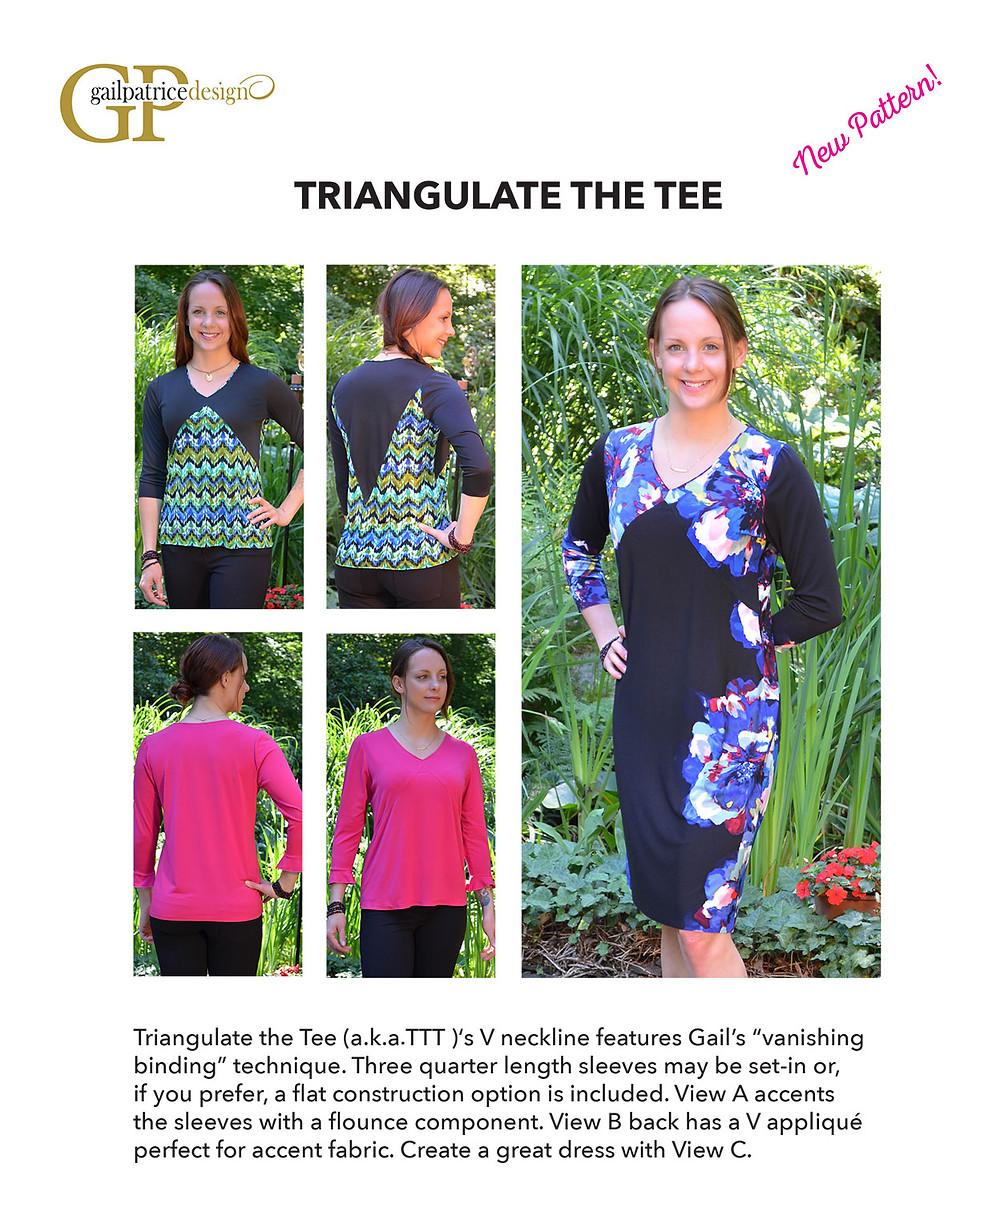 Triangulate the Tee